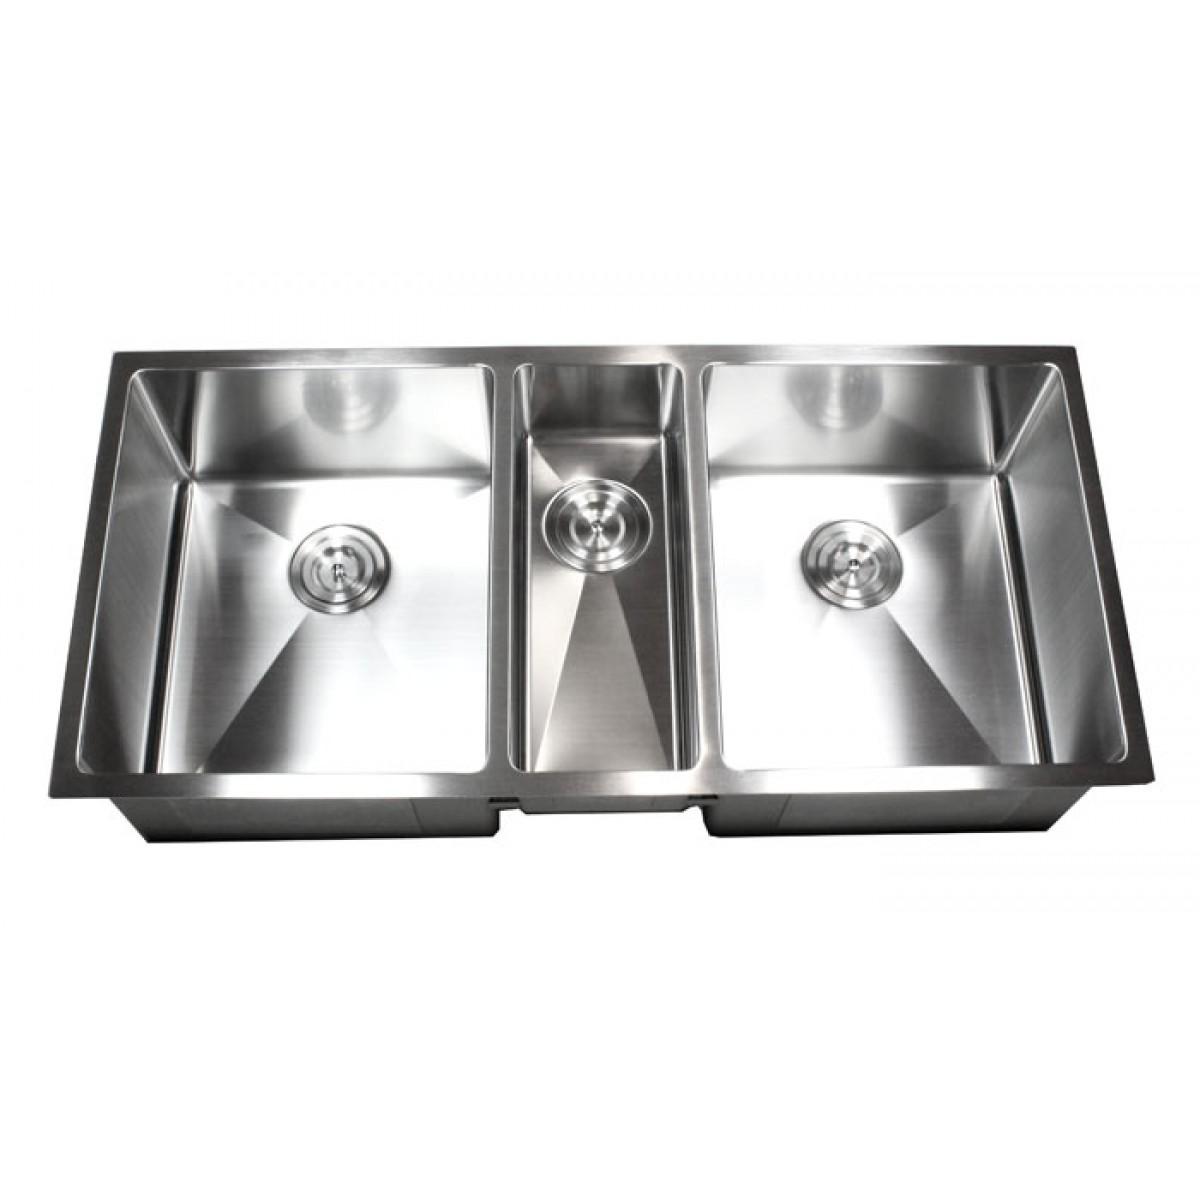 42 inch stainless steel undermount triple bowl kitchen sink 15mm radius design 16 gauge